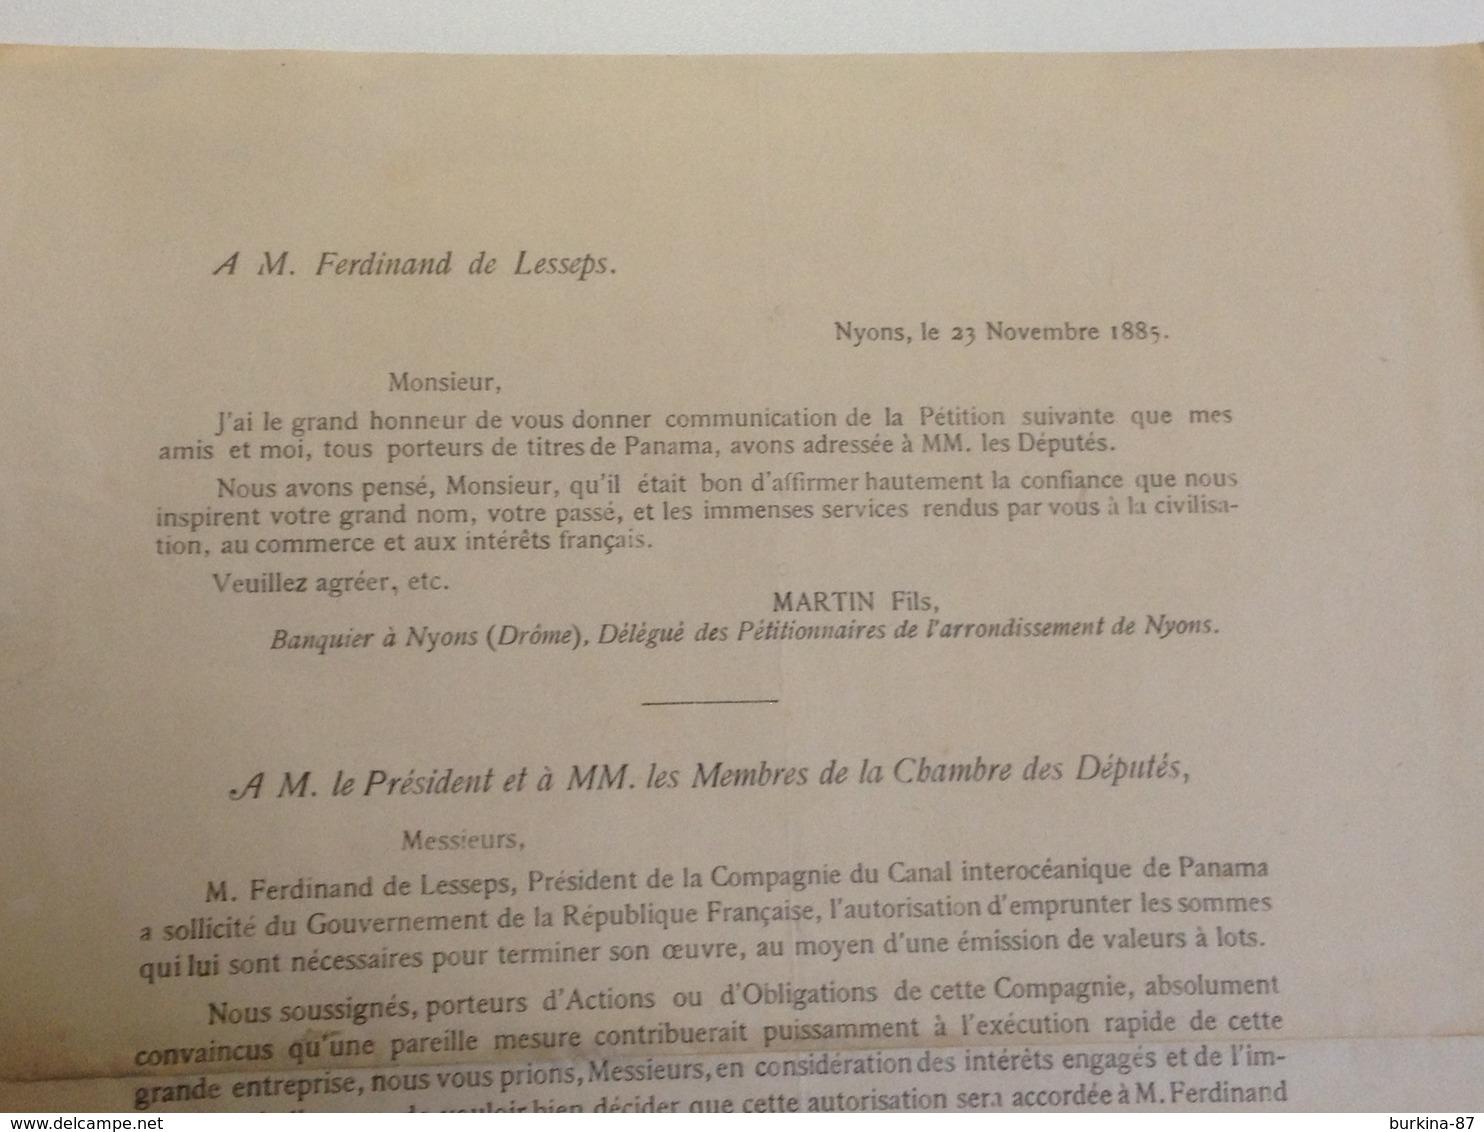 Canal De Panama, 1885, Extraits De Lettres D'actionnaires De, Nyons, à, Mr Ferdinand De Lesseps, Et Retour - Documents Historiques